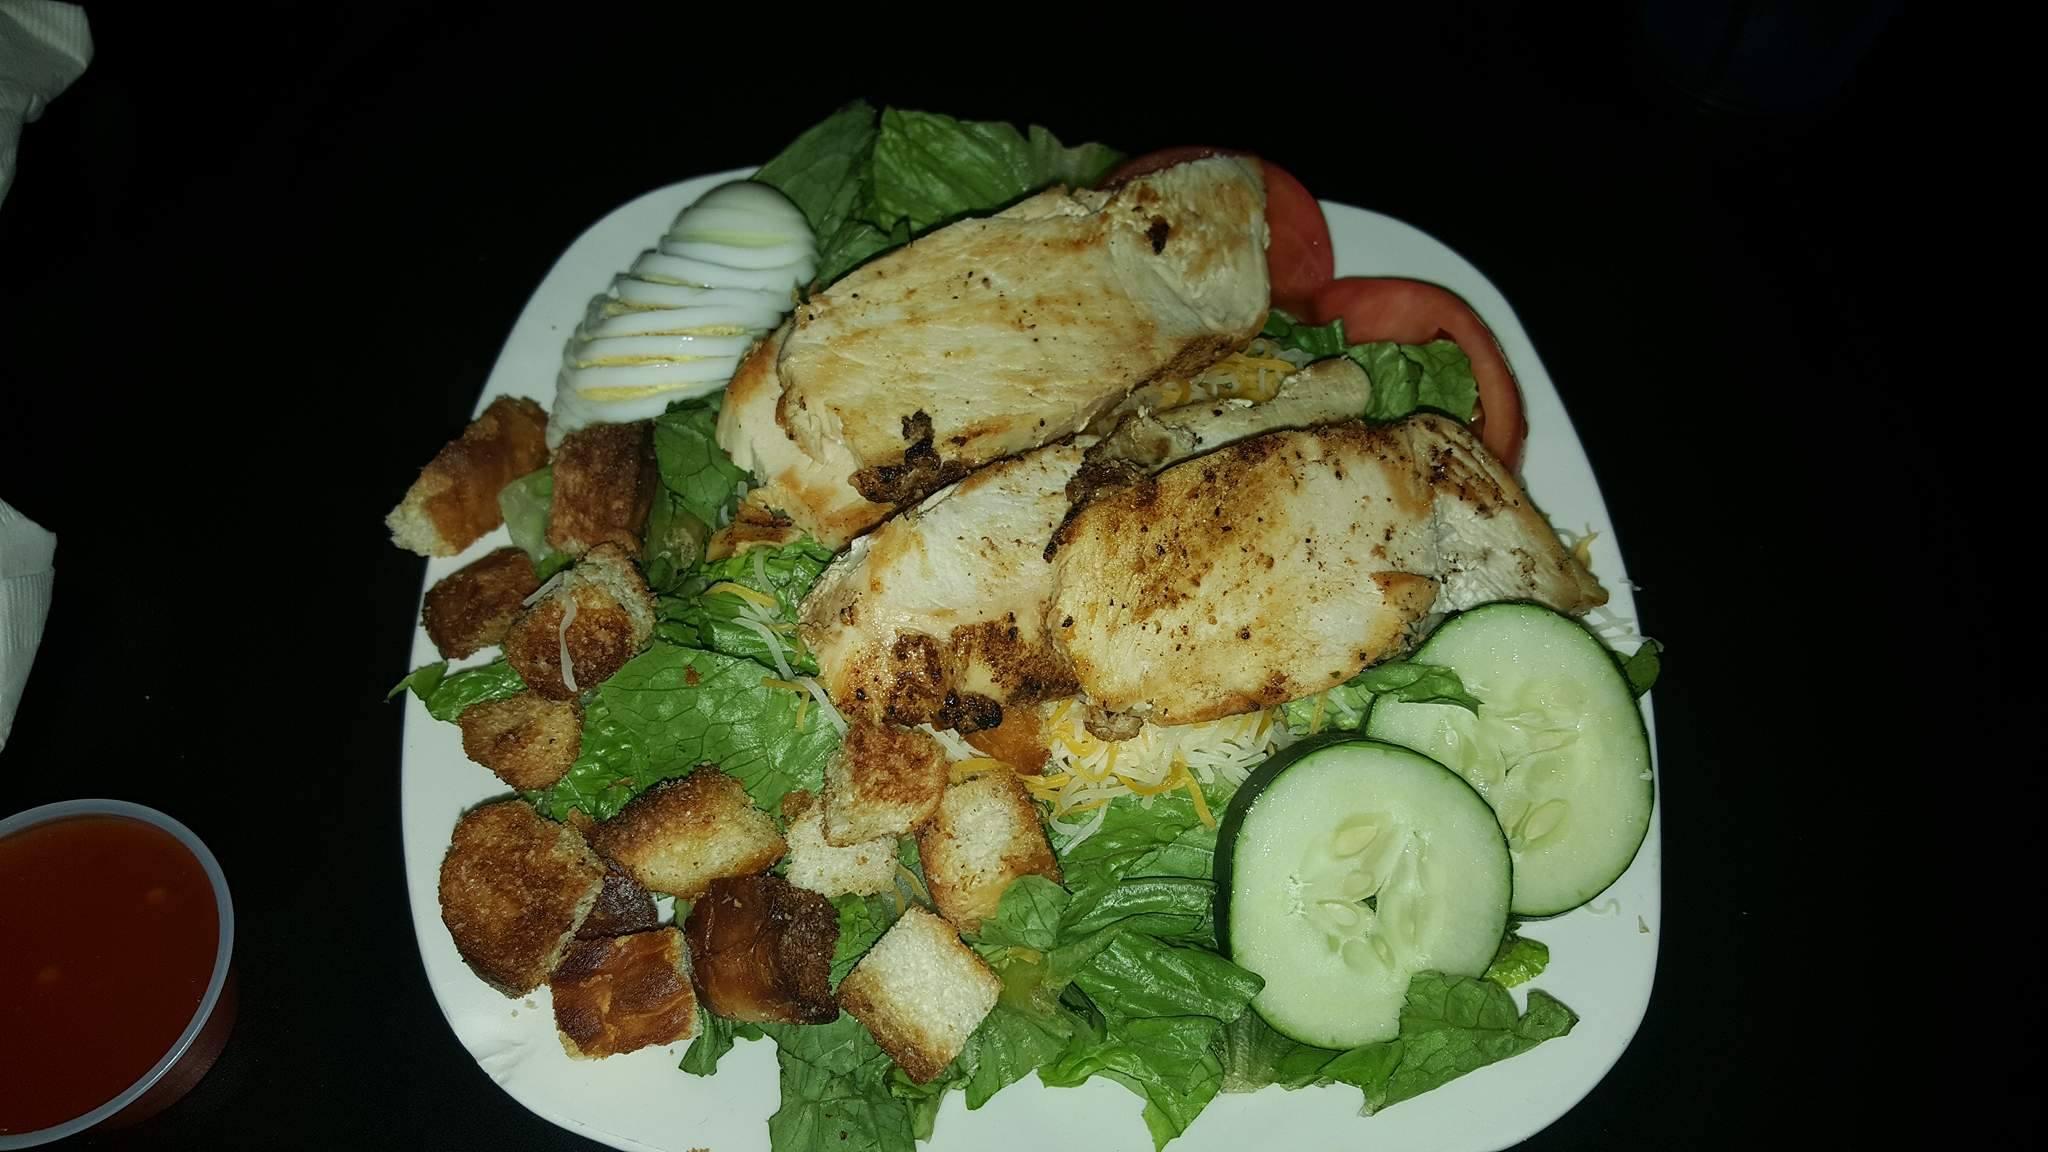 HUGE salad, tasted ammmmaazzzinnngg